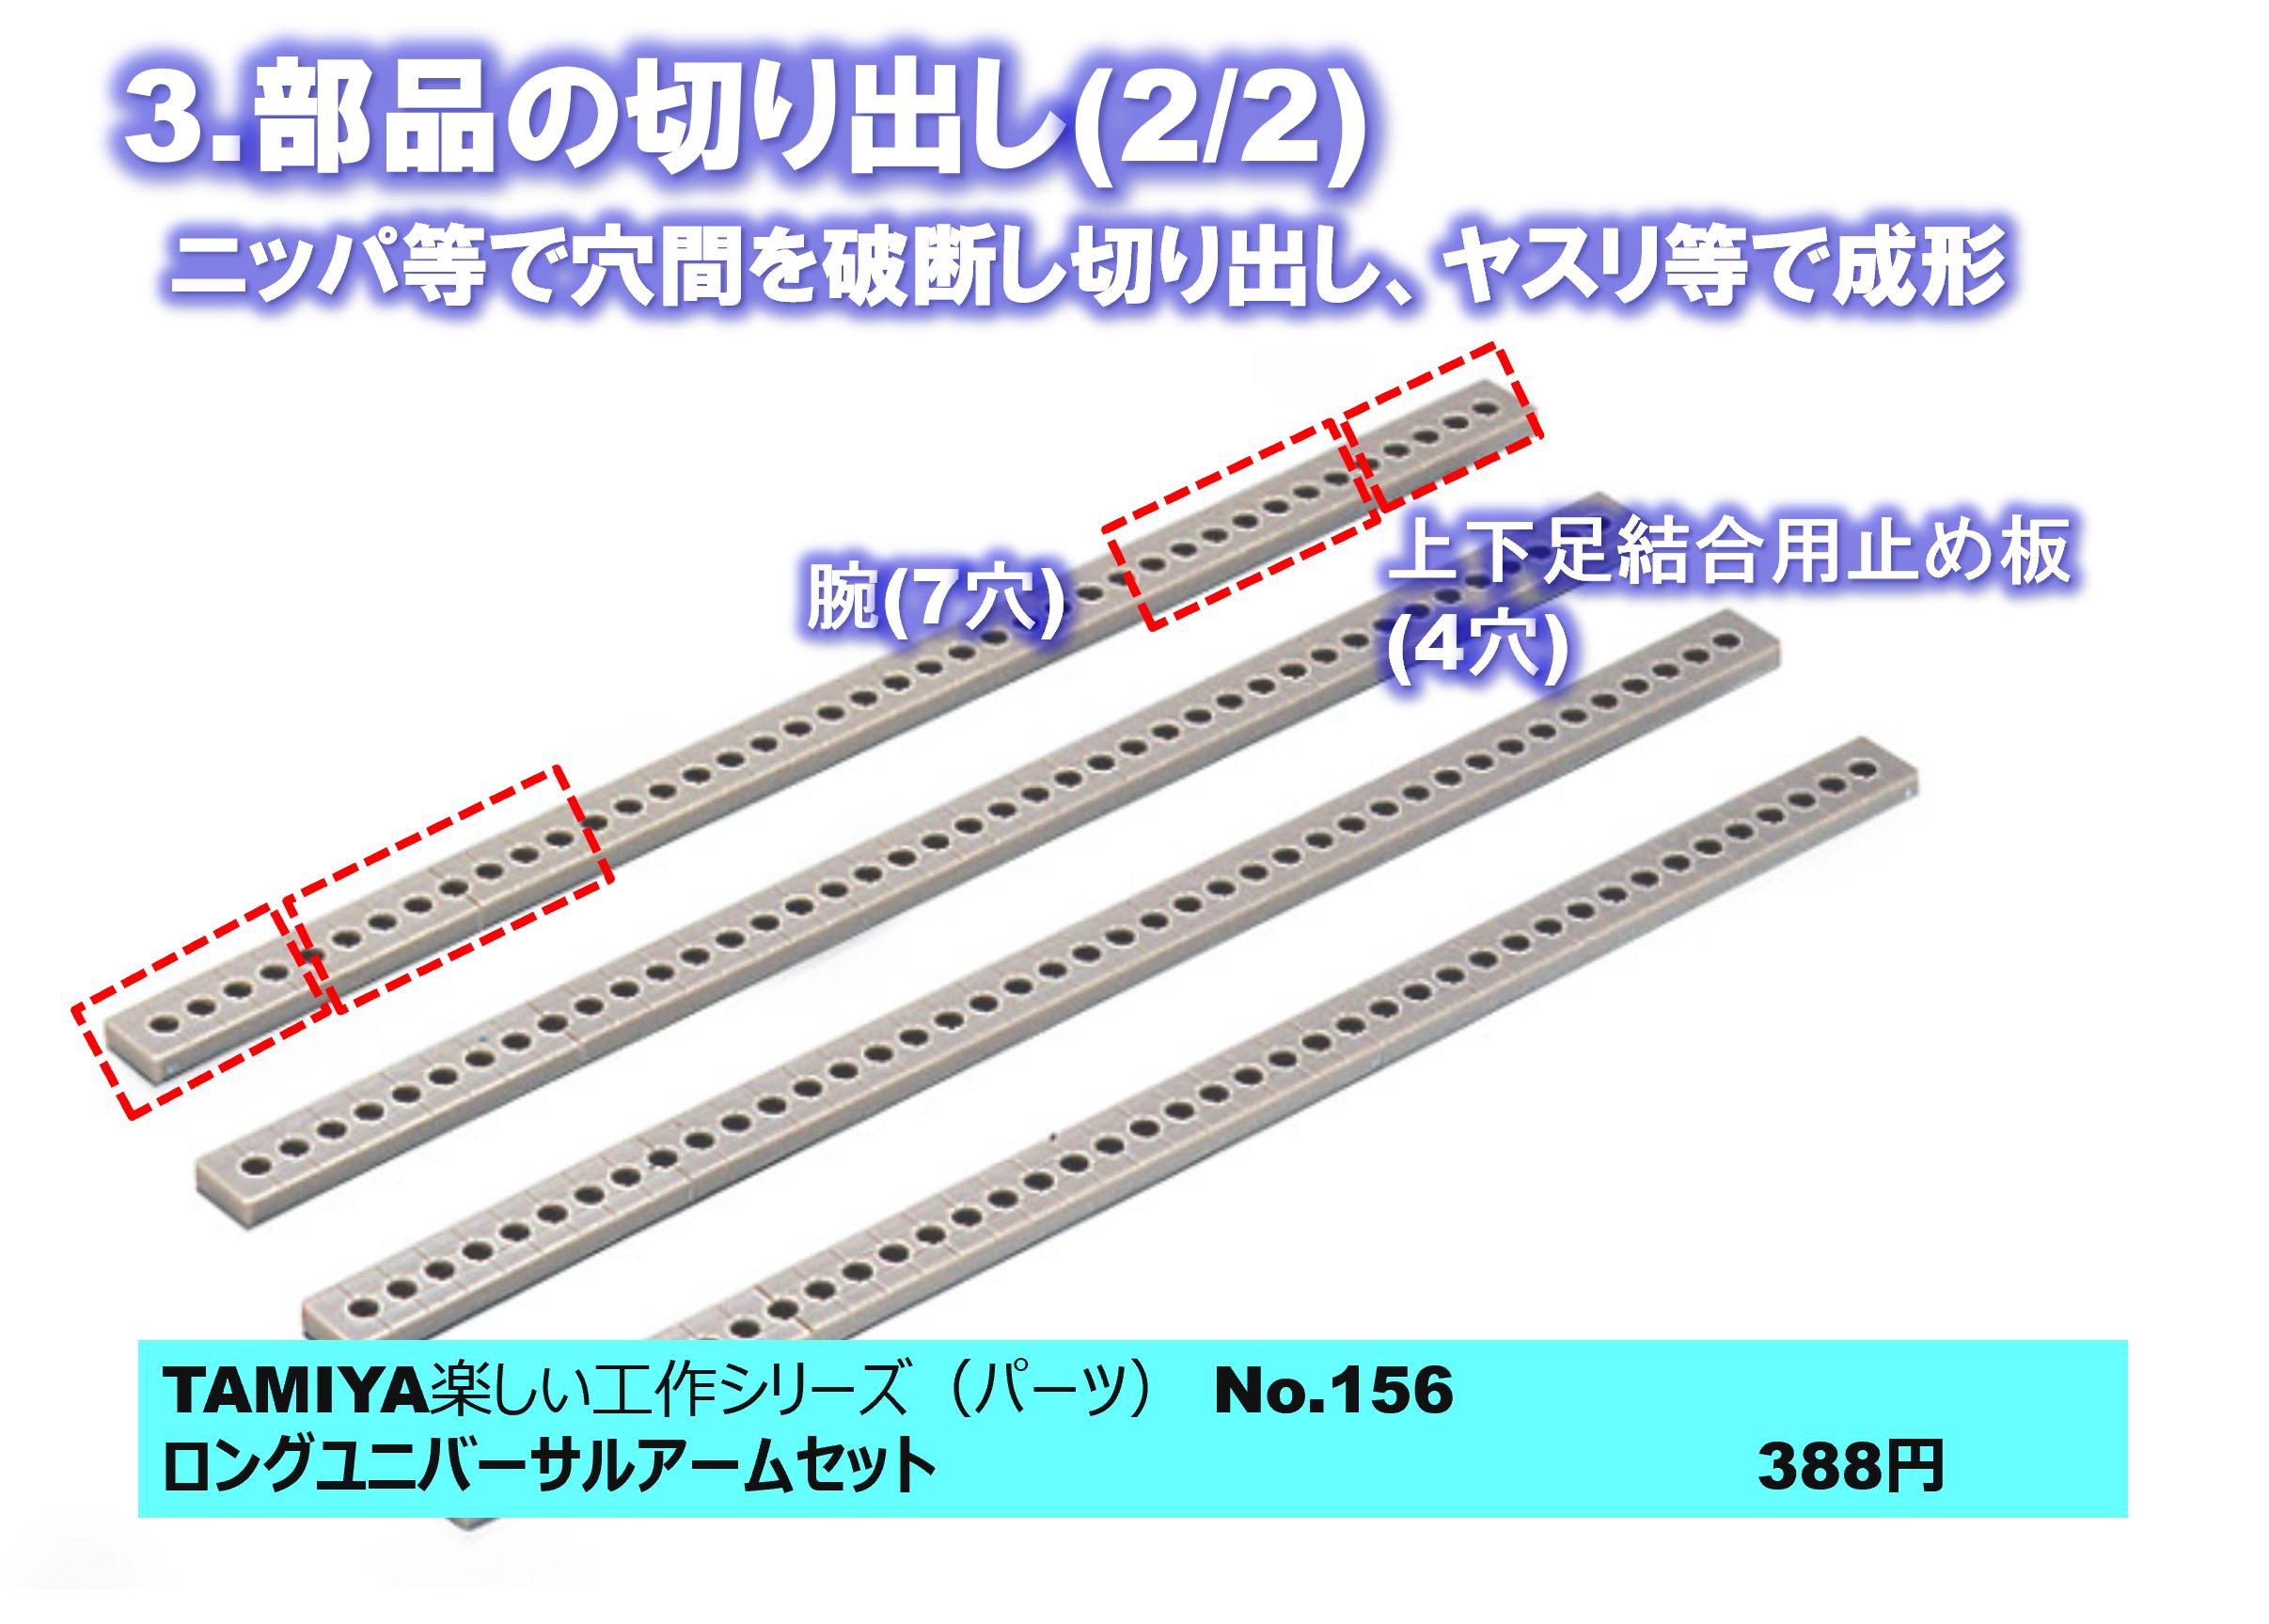 組み立て 2足歩行ロボット-3-2.png